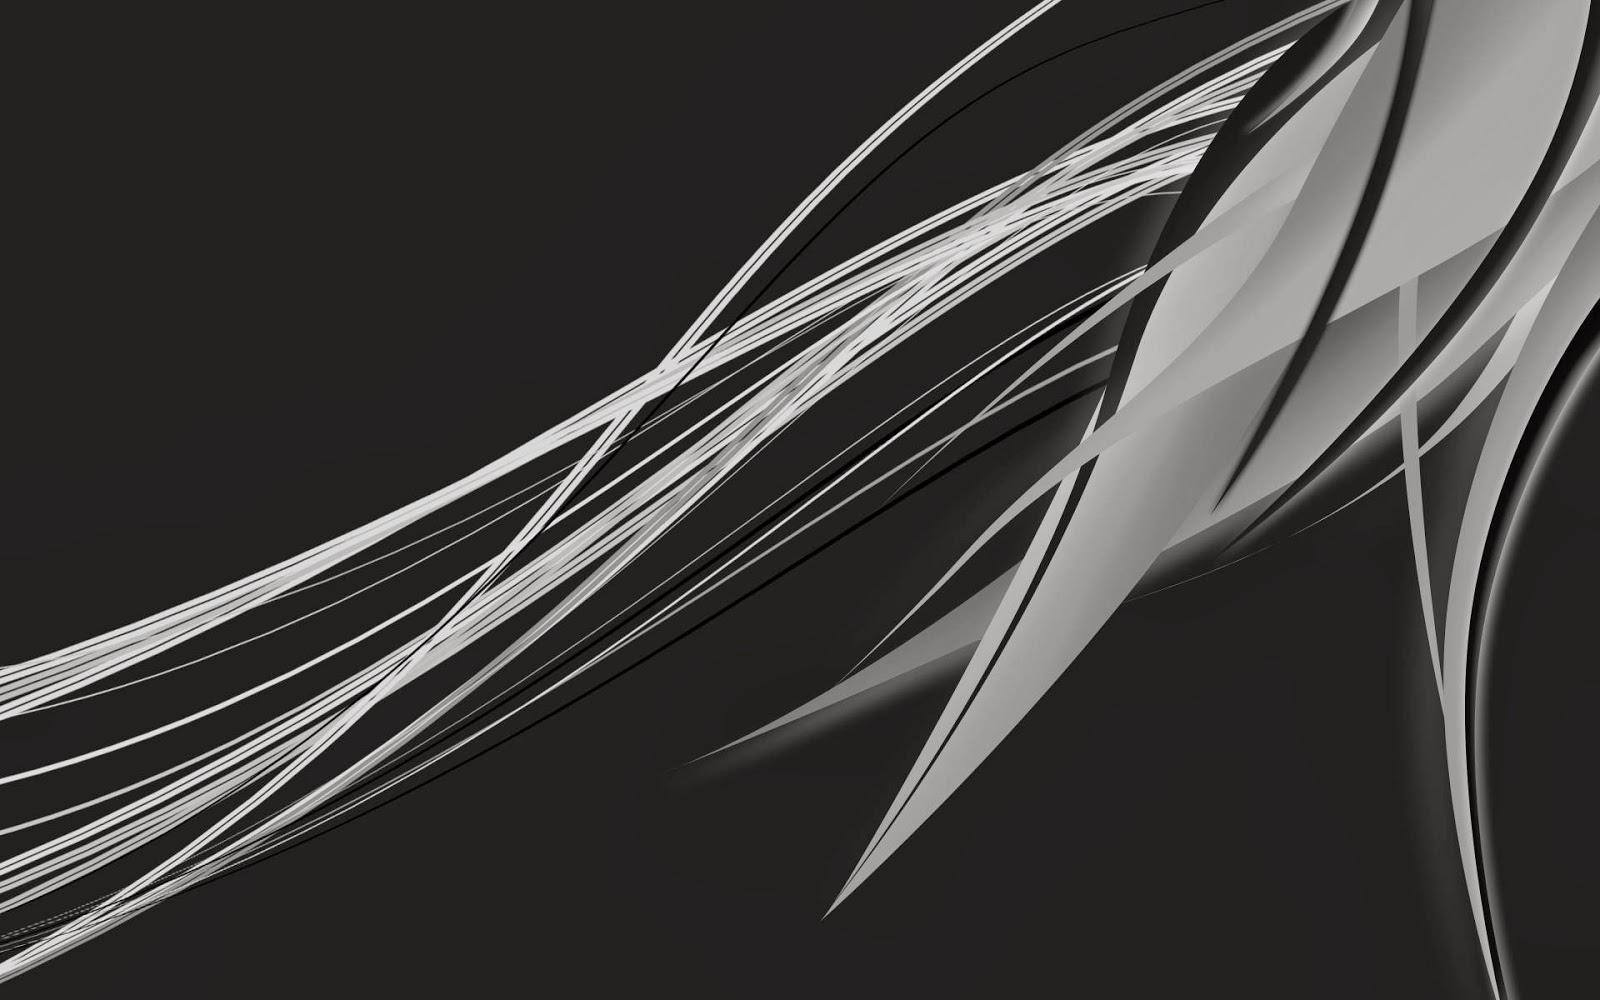 Fondos de pantalla abstractos negros for Imagenes de cuadros abstractos en blanco y negro